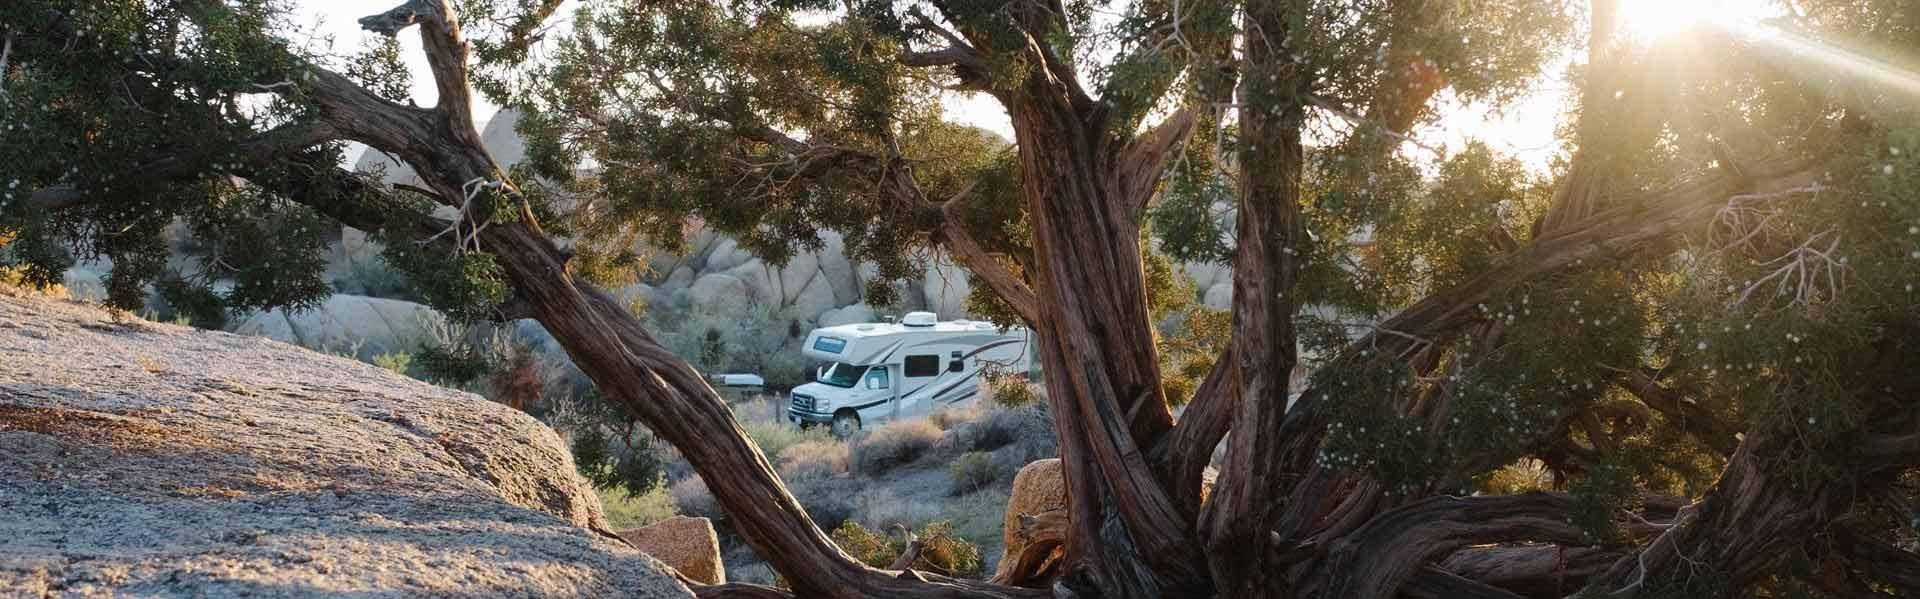 Bezoek Joshua Tree National Park tijdens een camperreis door Amerika met RoadBear